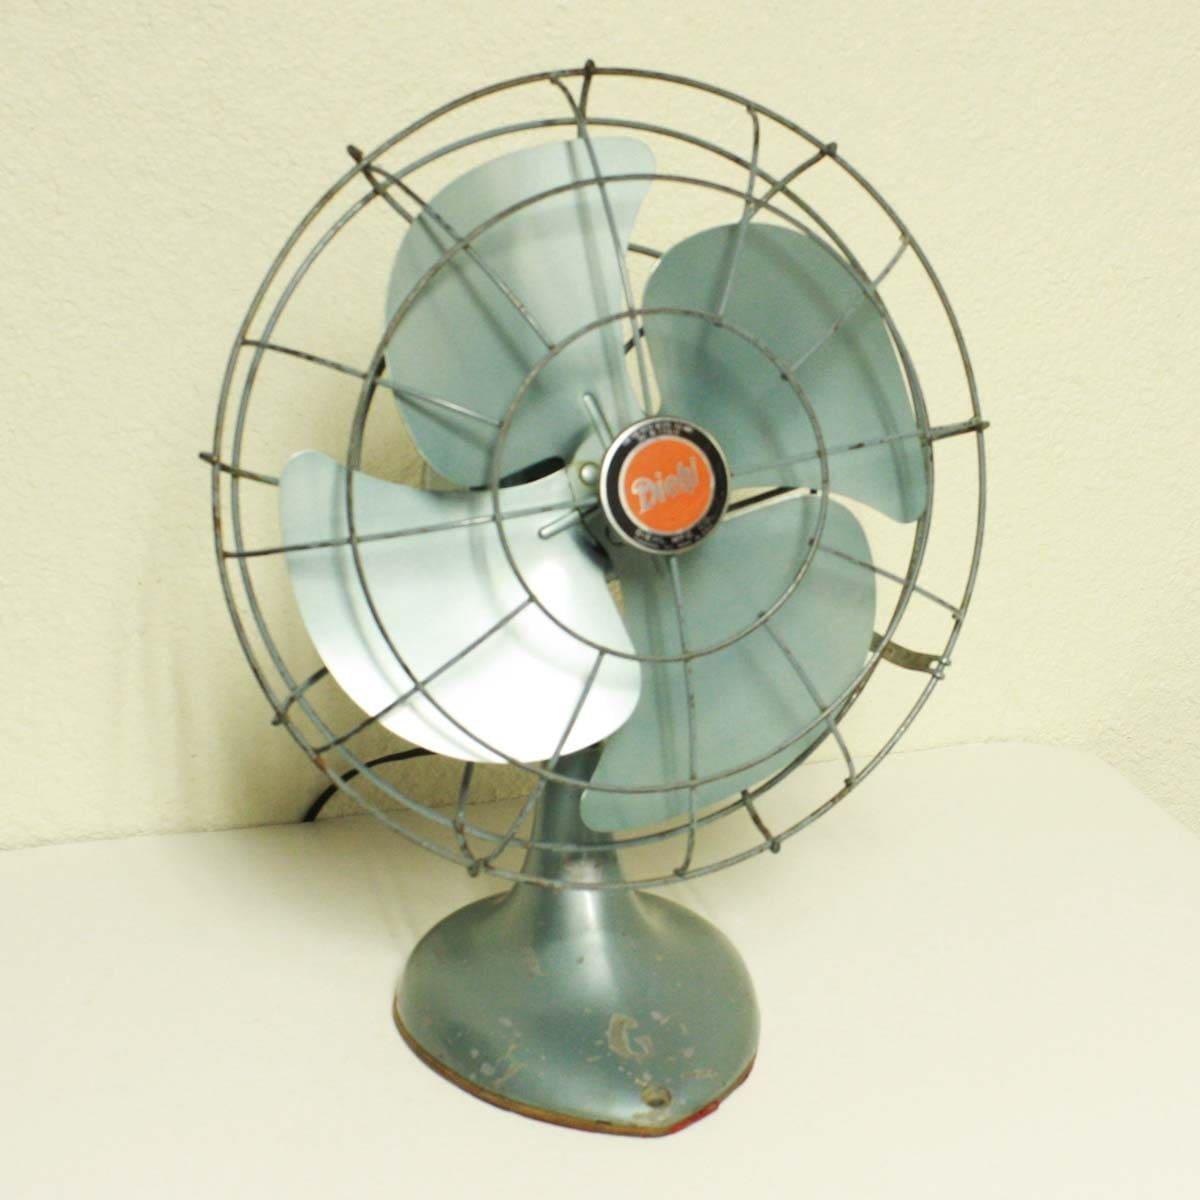 vintage electric fan diehl 2 speed metal blade light